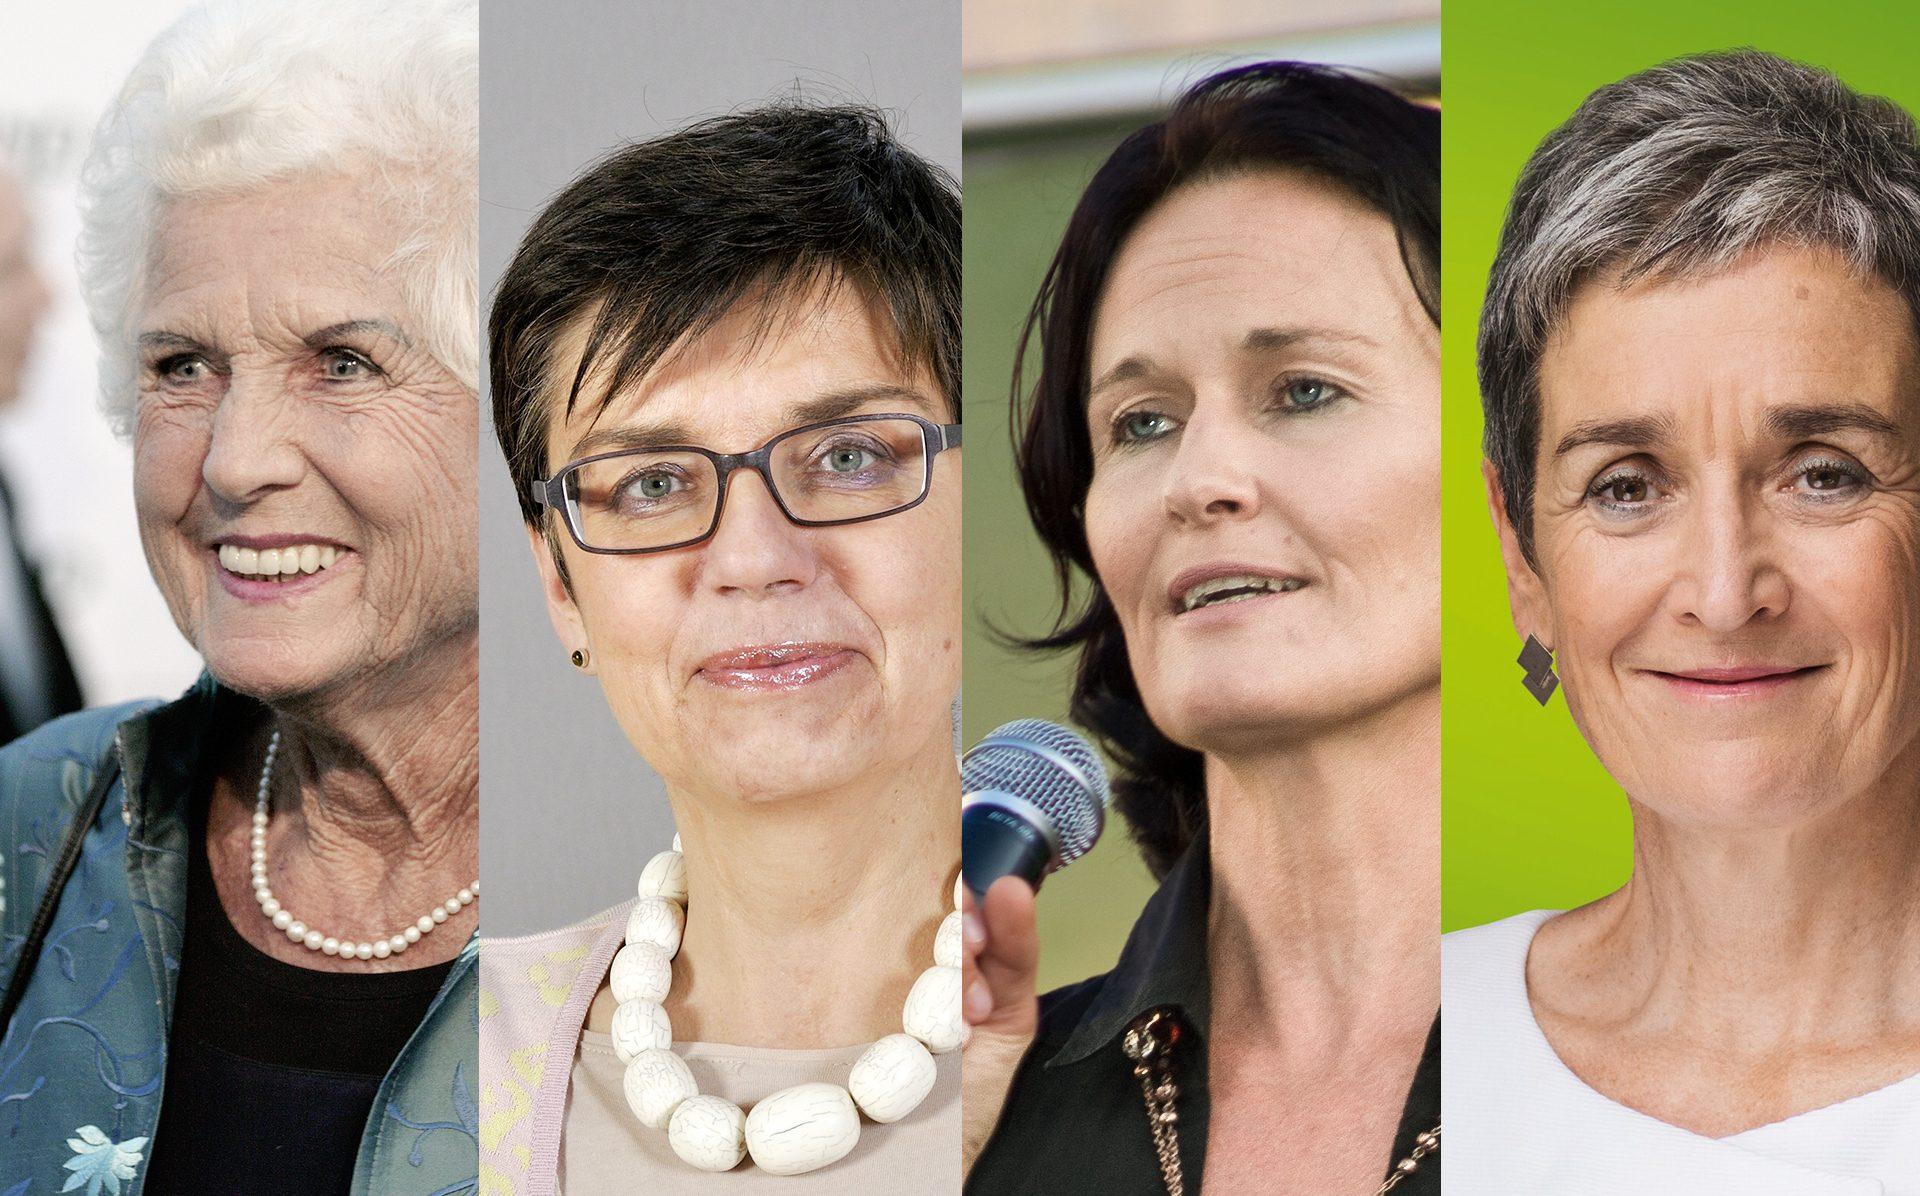 Damenwahl #11